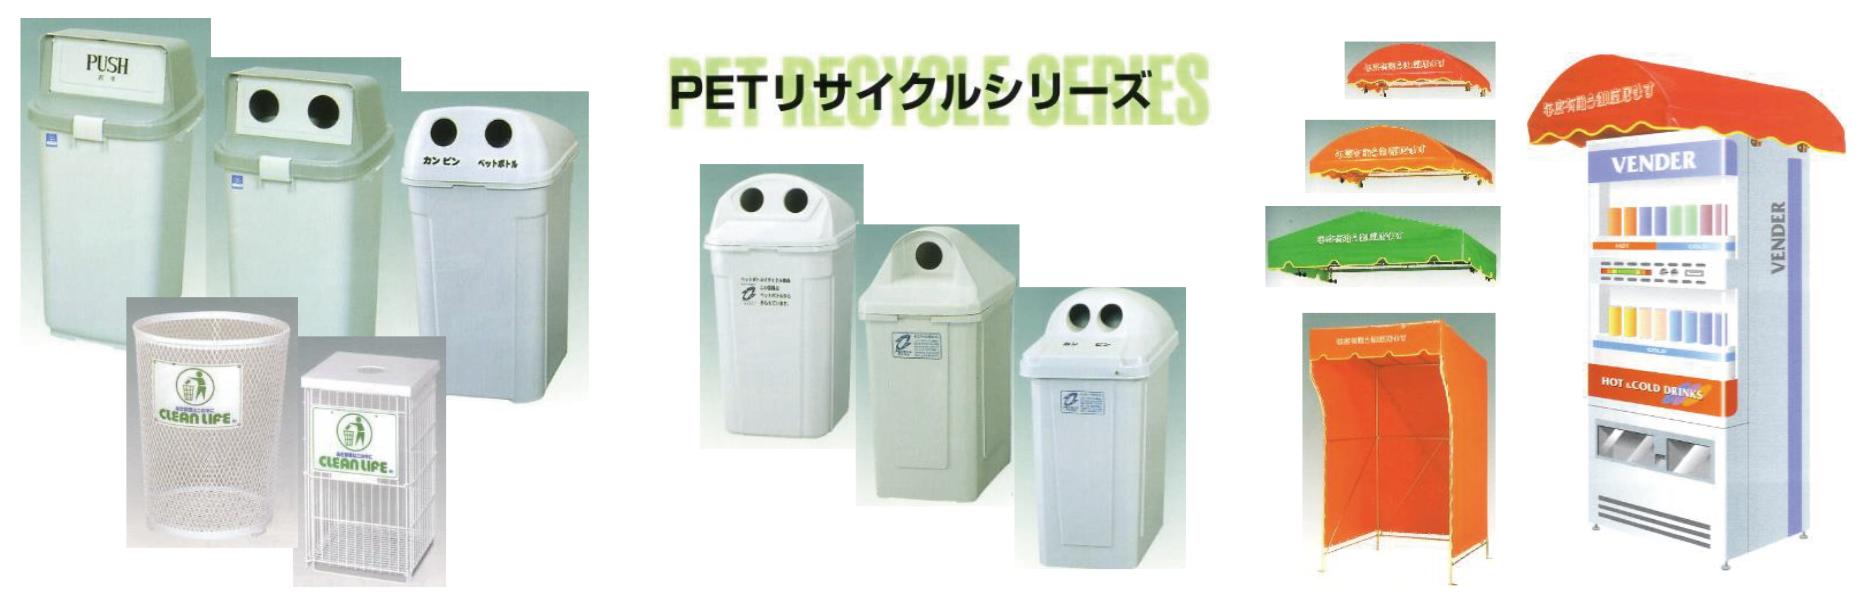 PETリサイクルシリーズ